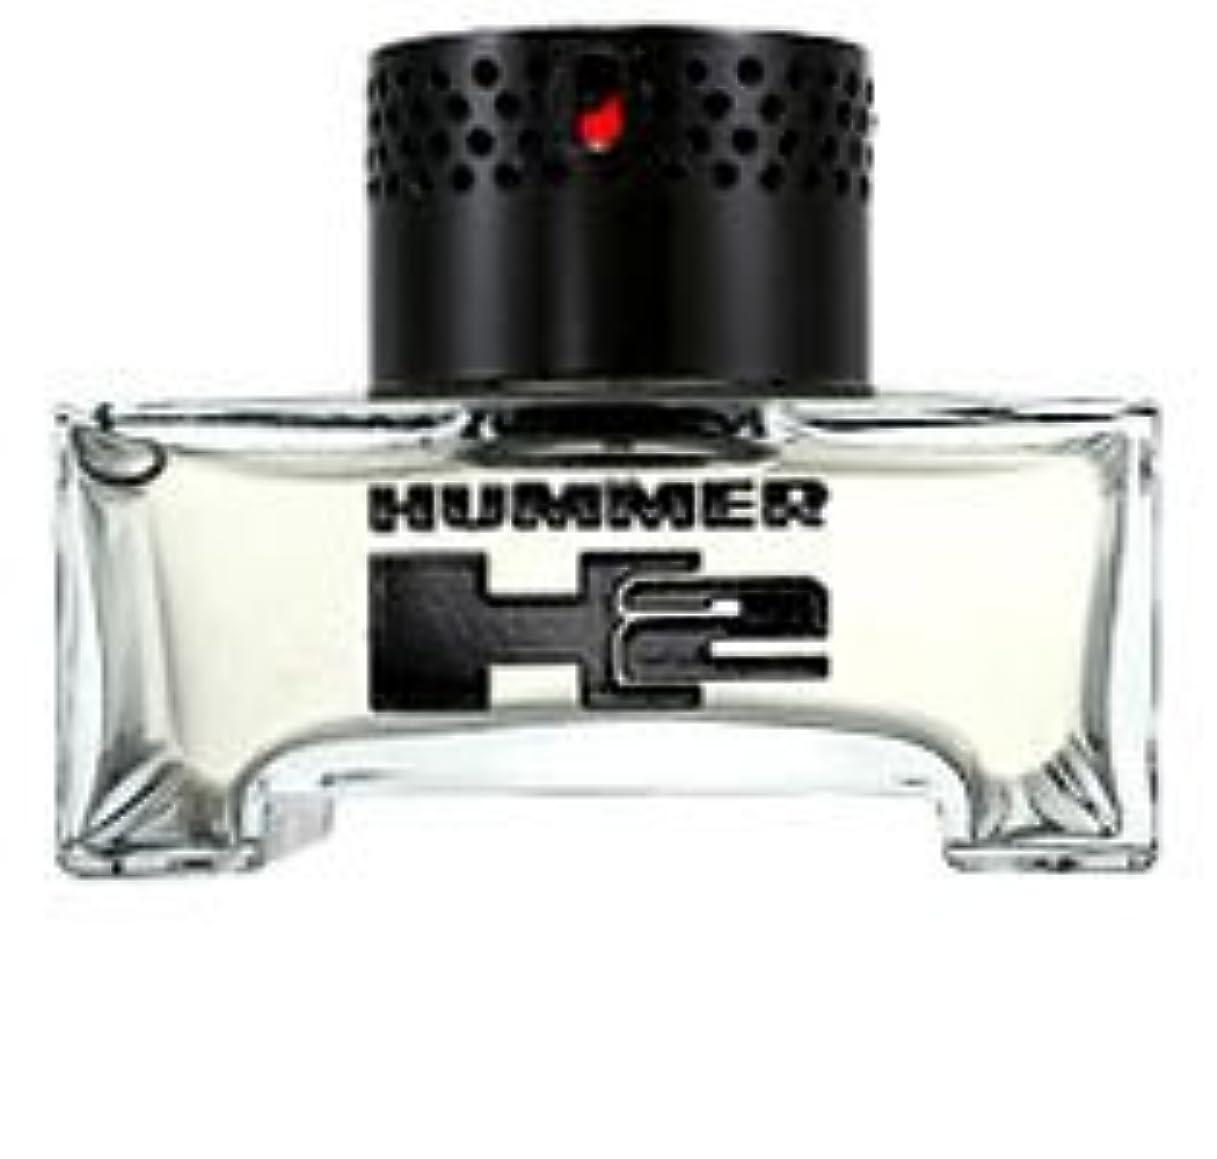 社説相対性理論血色の良いHUMMER H2(ハマーH2) 4.2 oz (126ml) EDT Spray by HUMMER for Men